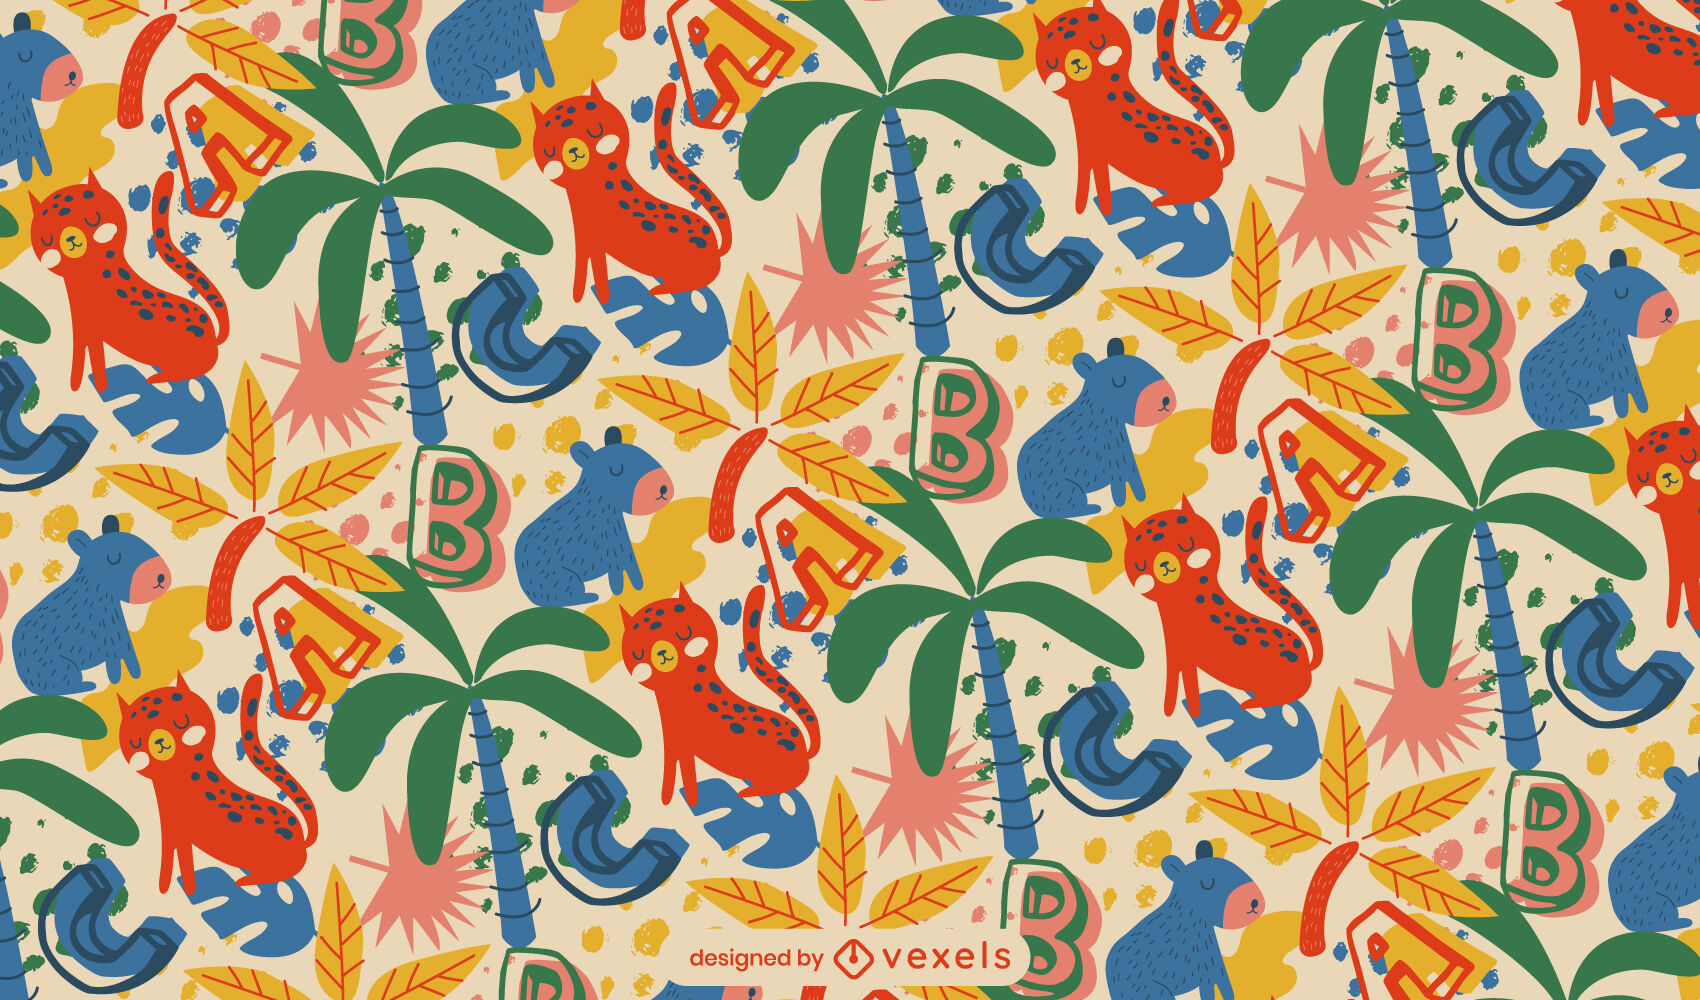 Dise?o de patrones de animales y letras de la selva.